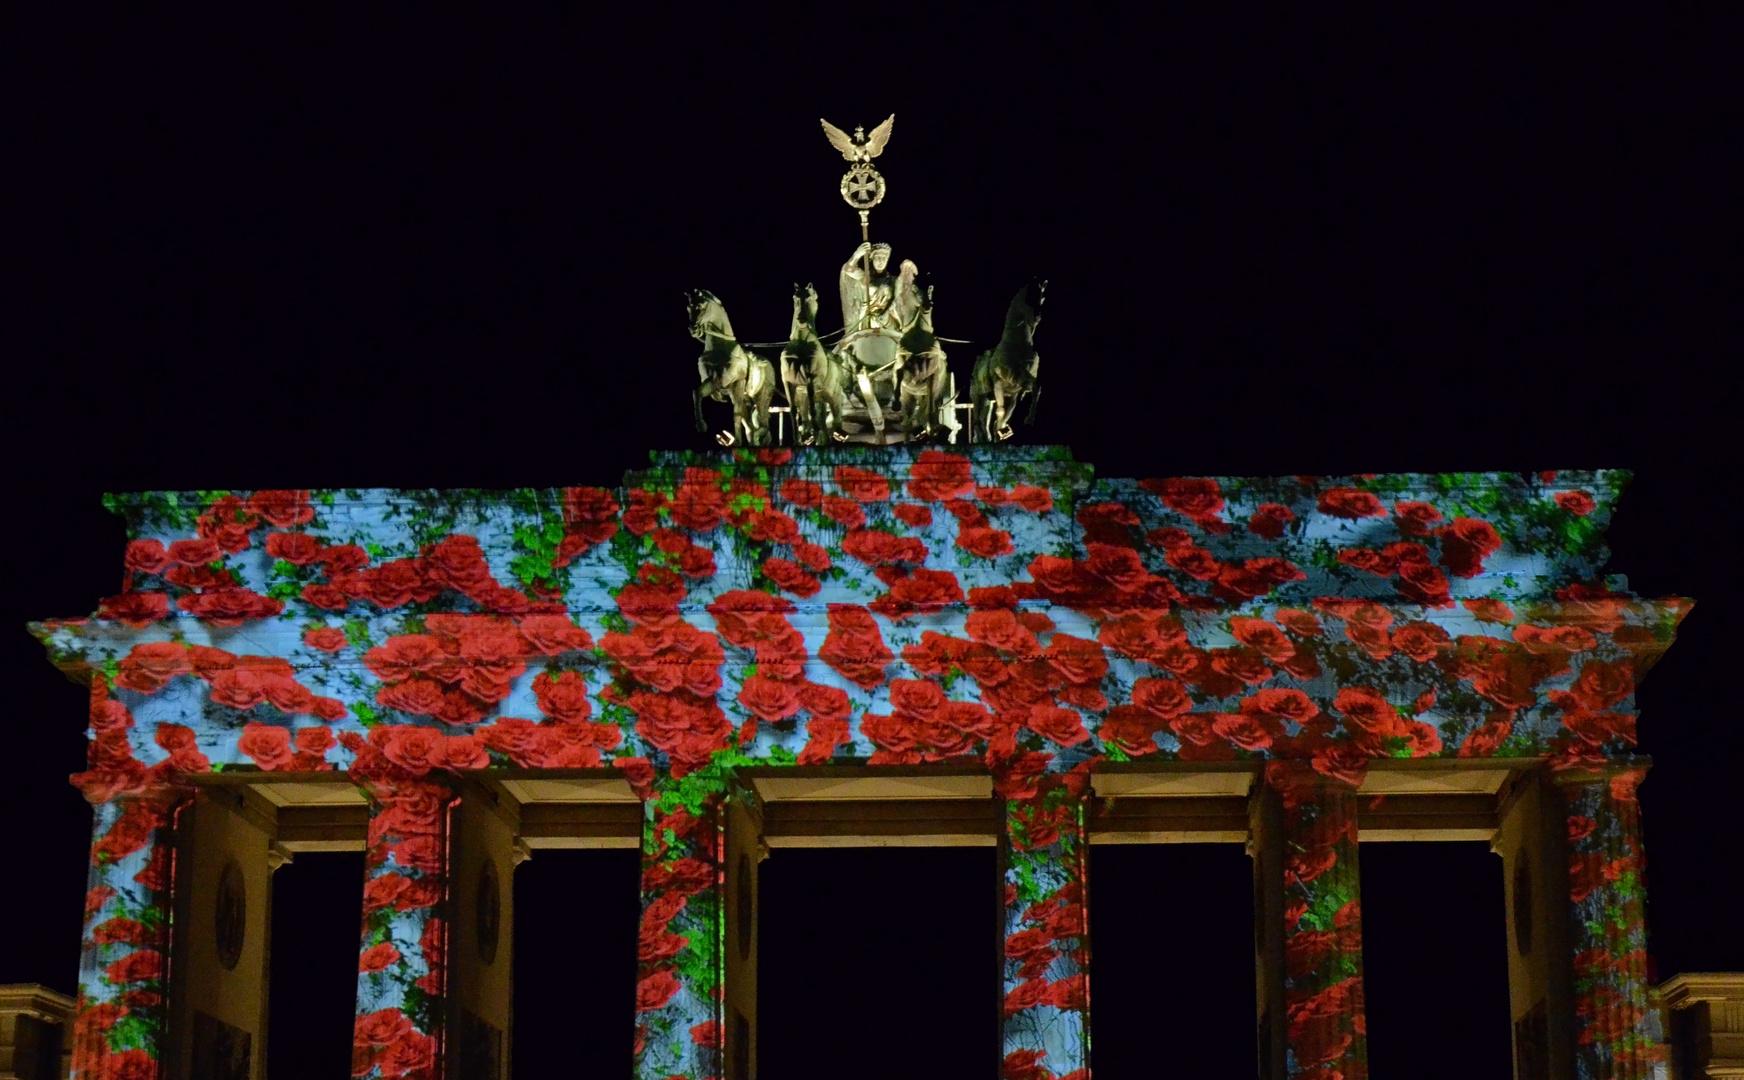 Festival of Lights Brandenburger Tor